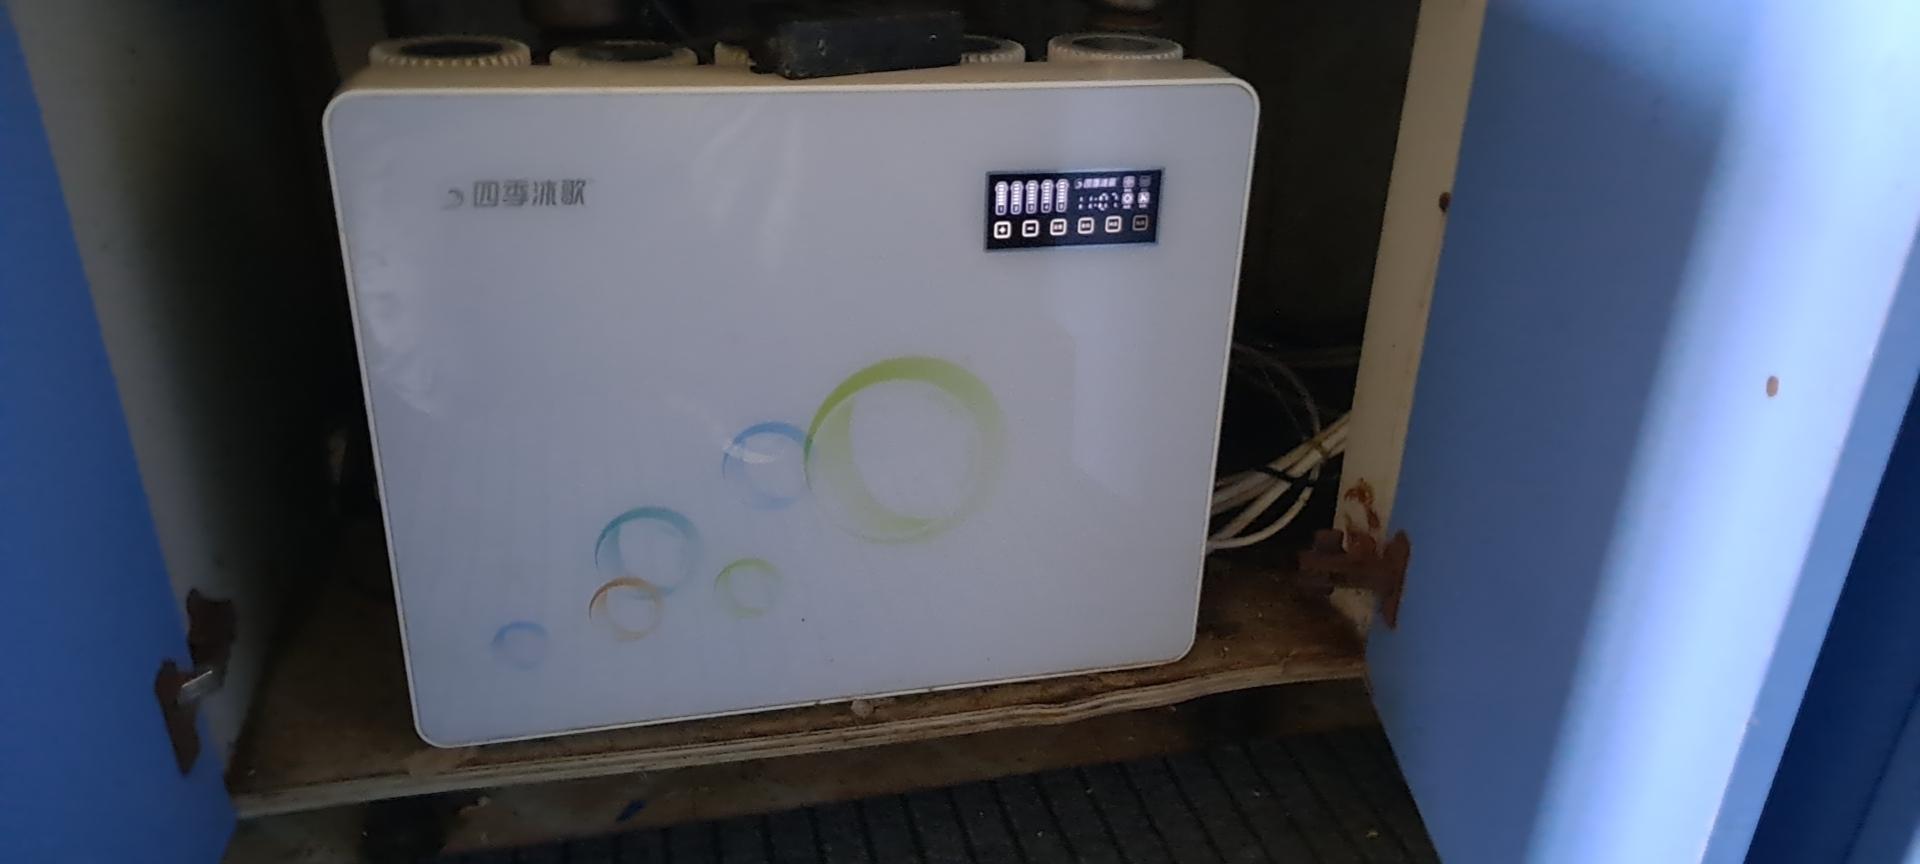 净水机换芯/四季沐歌净水器更换滤芯实录  净水机售后 净水机换滤芯 第2张